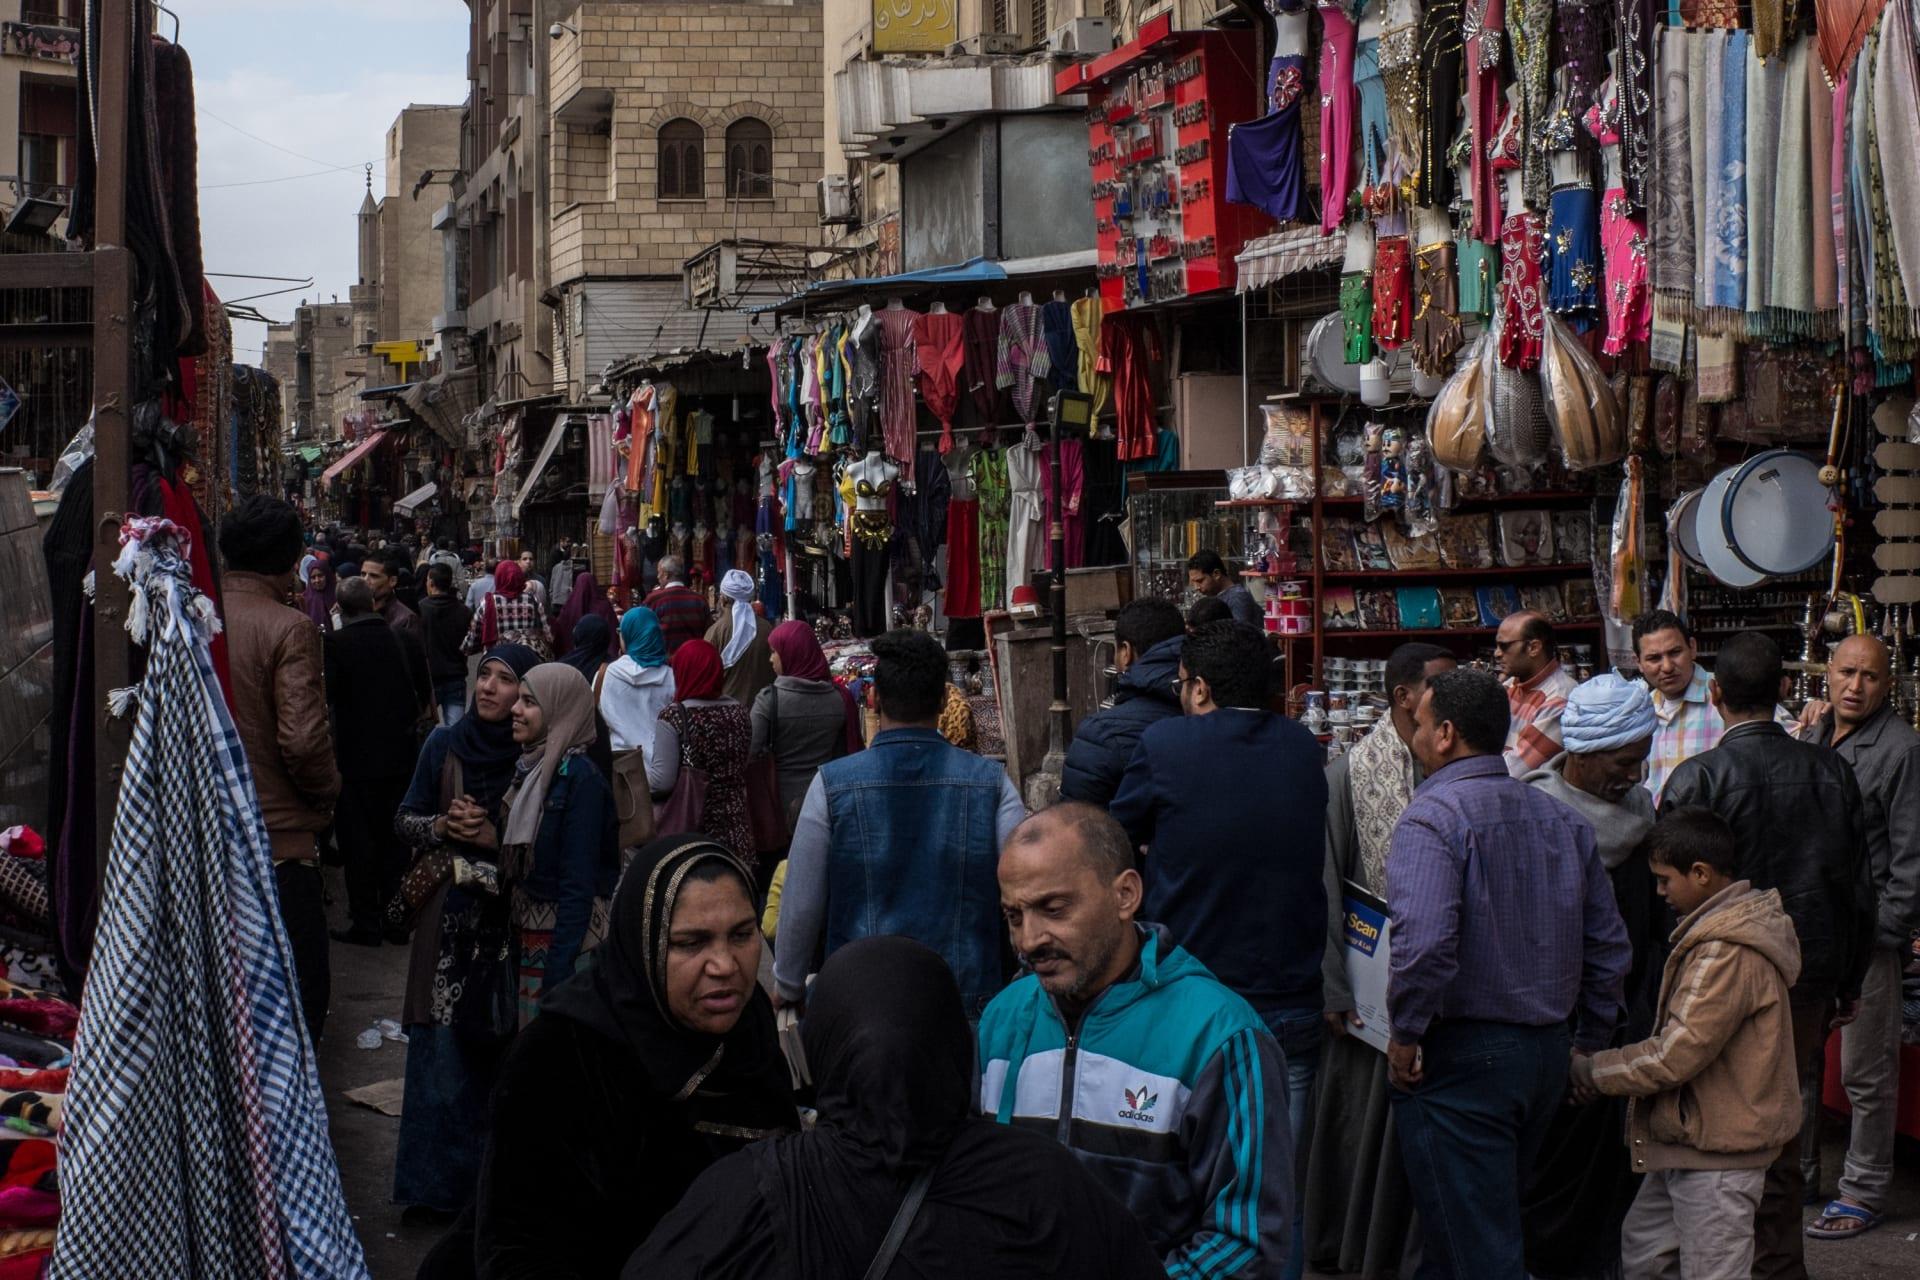 في ظل ارتفاع الأسعار.. ما رأي سكان مصر برواتبهم الحالية؟